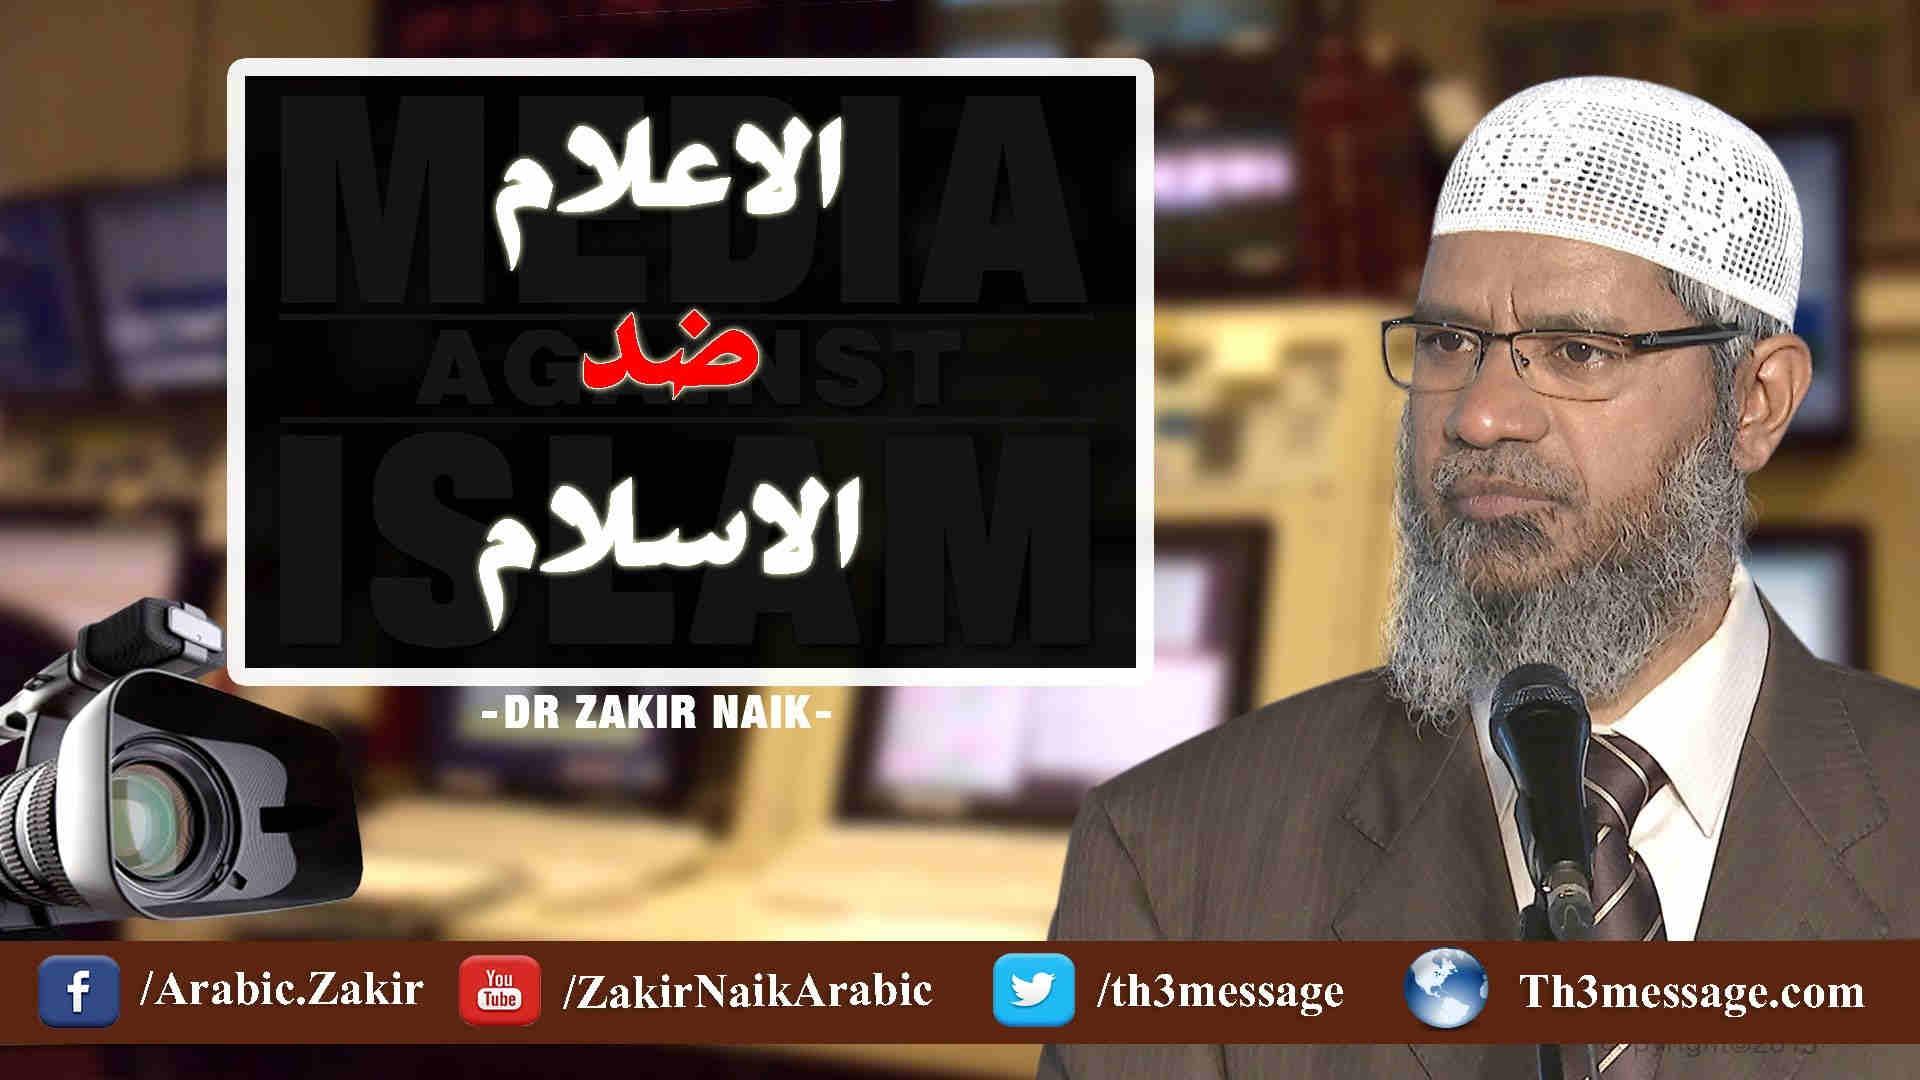 الاعلام ضد الاسلام - Dr. Zakir Naik